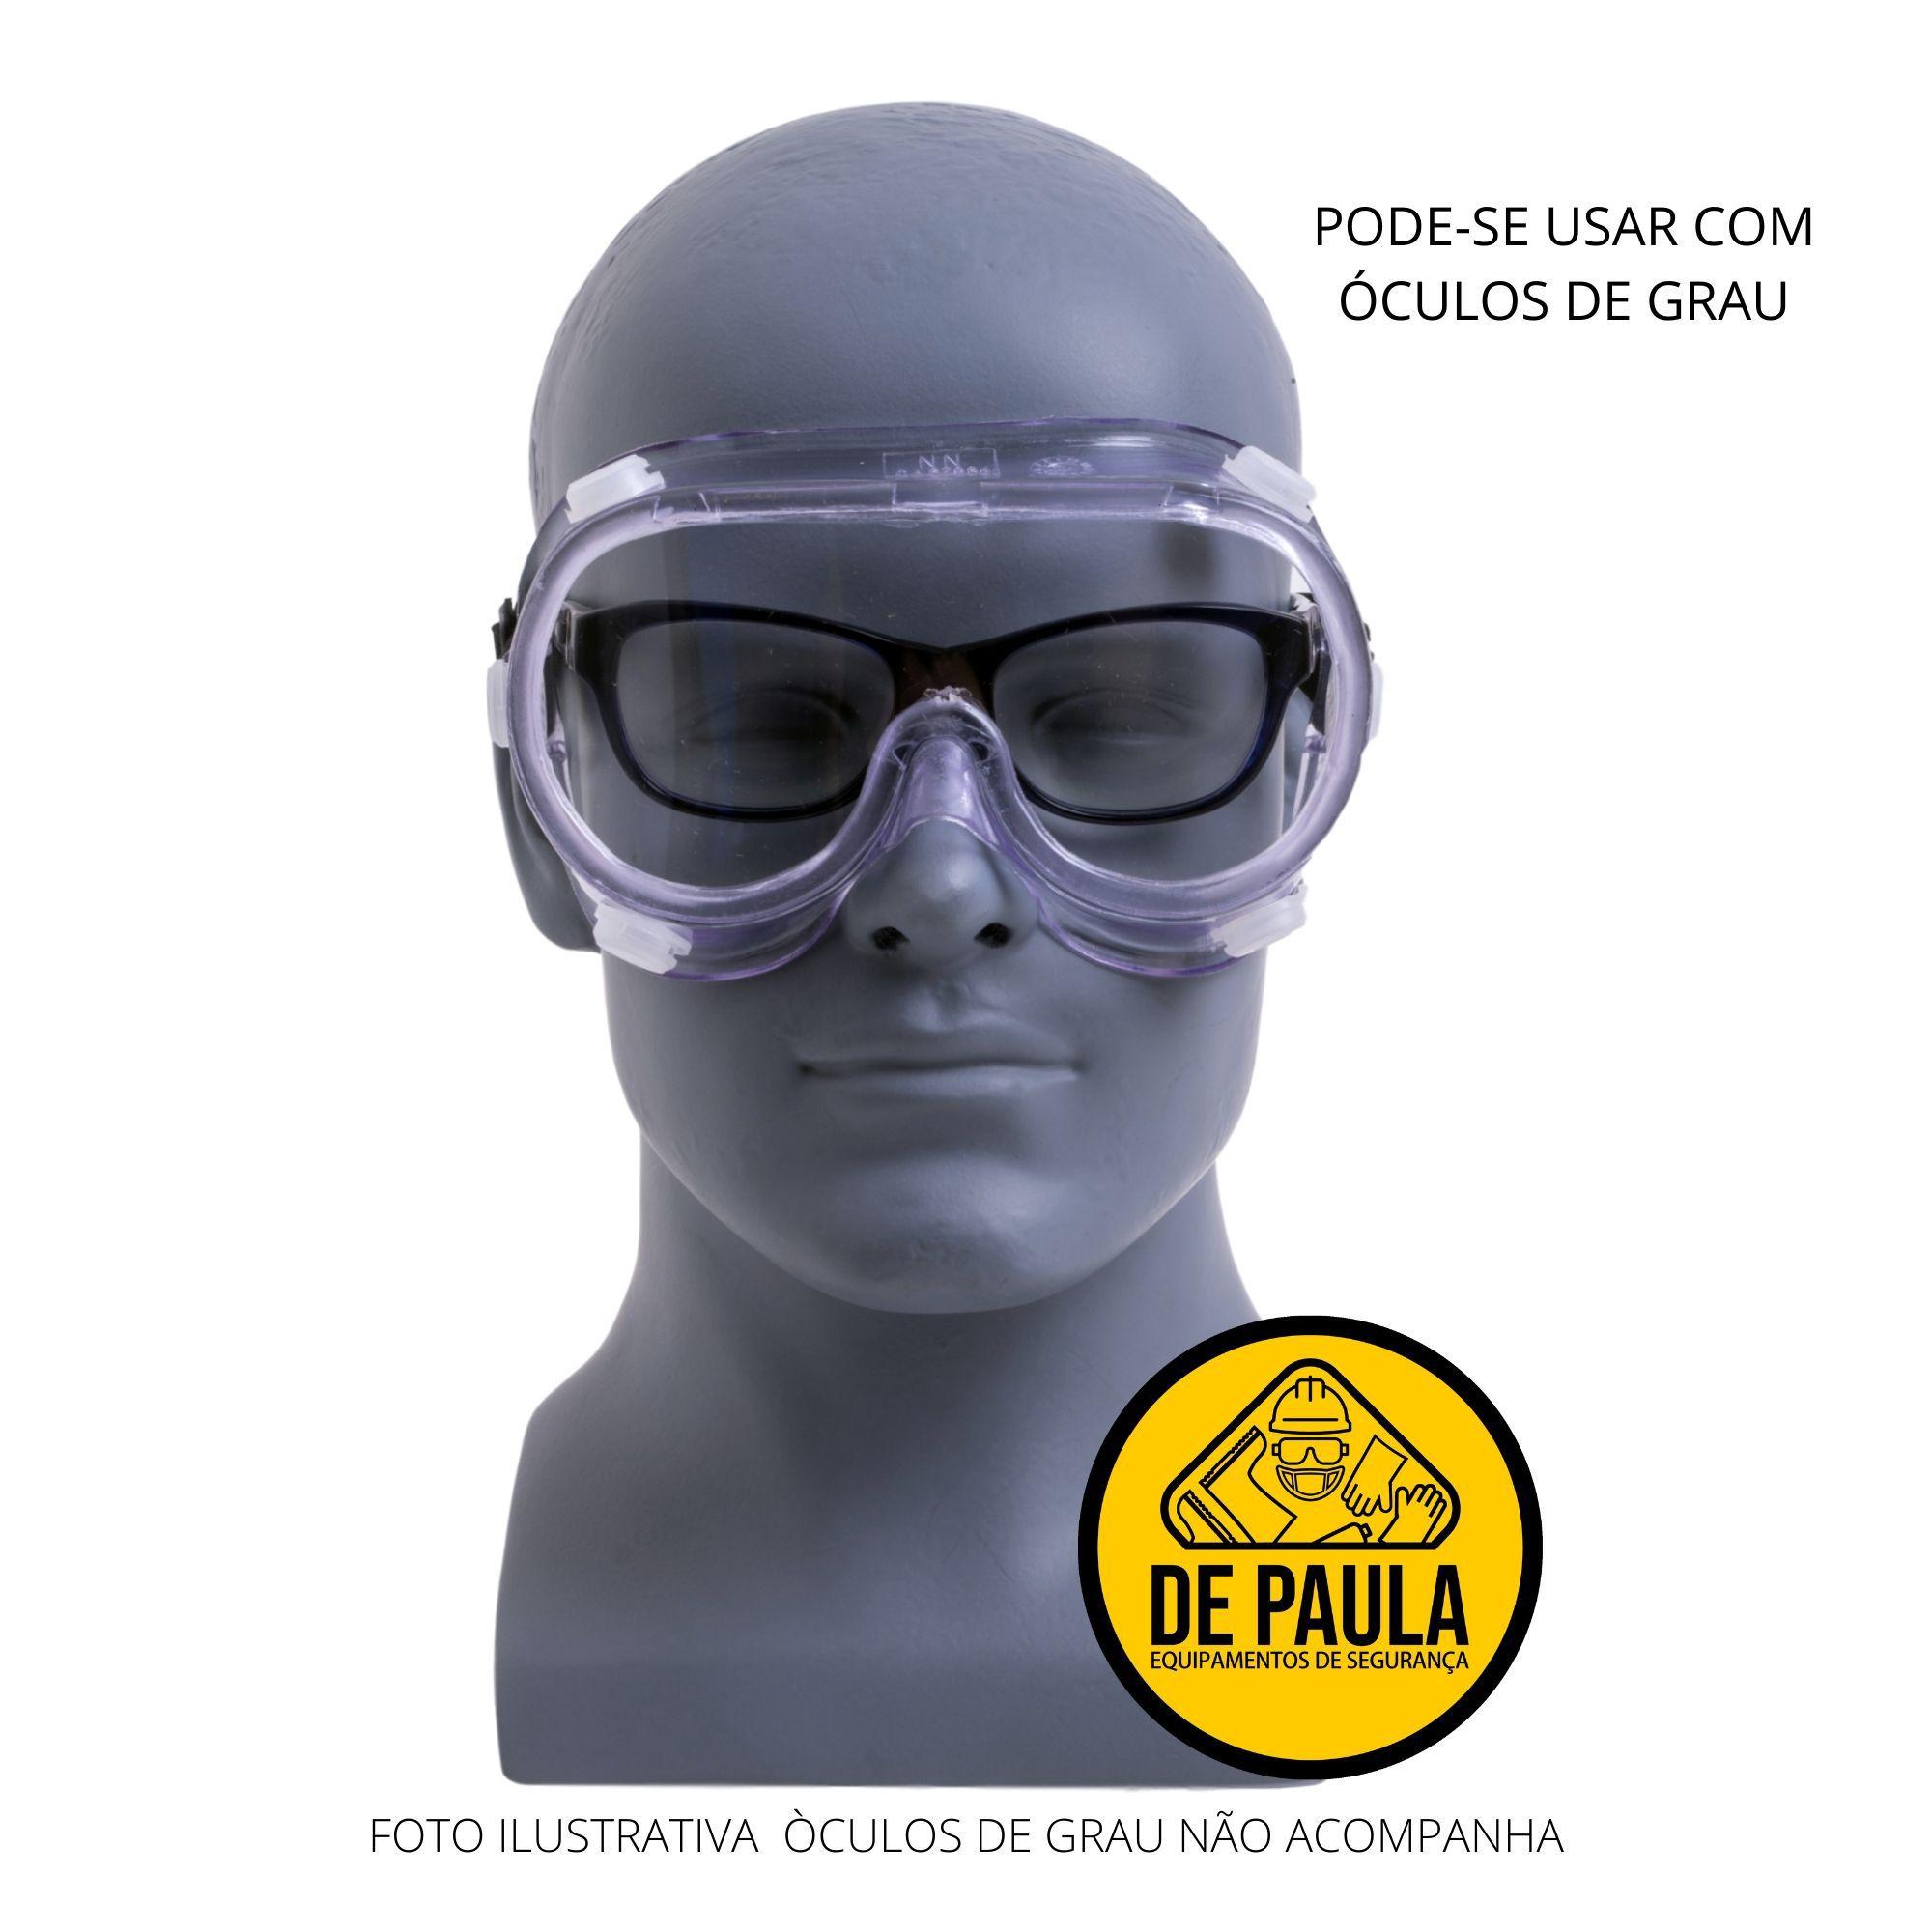 ÓCULOS DE SEGURANÇA AMPLA VISÃO COM VÁLVULA LENTE INCOLOR - CA 27.824